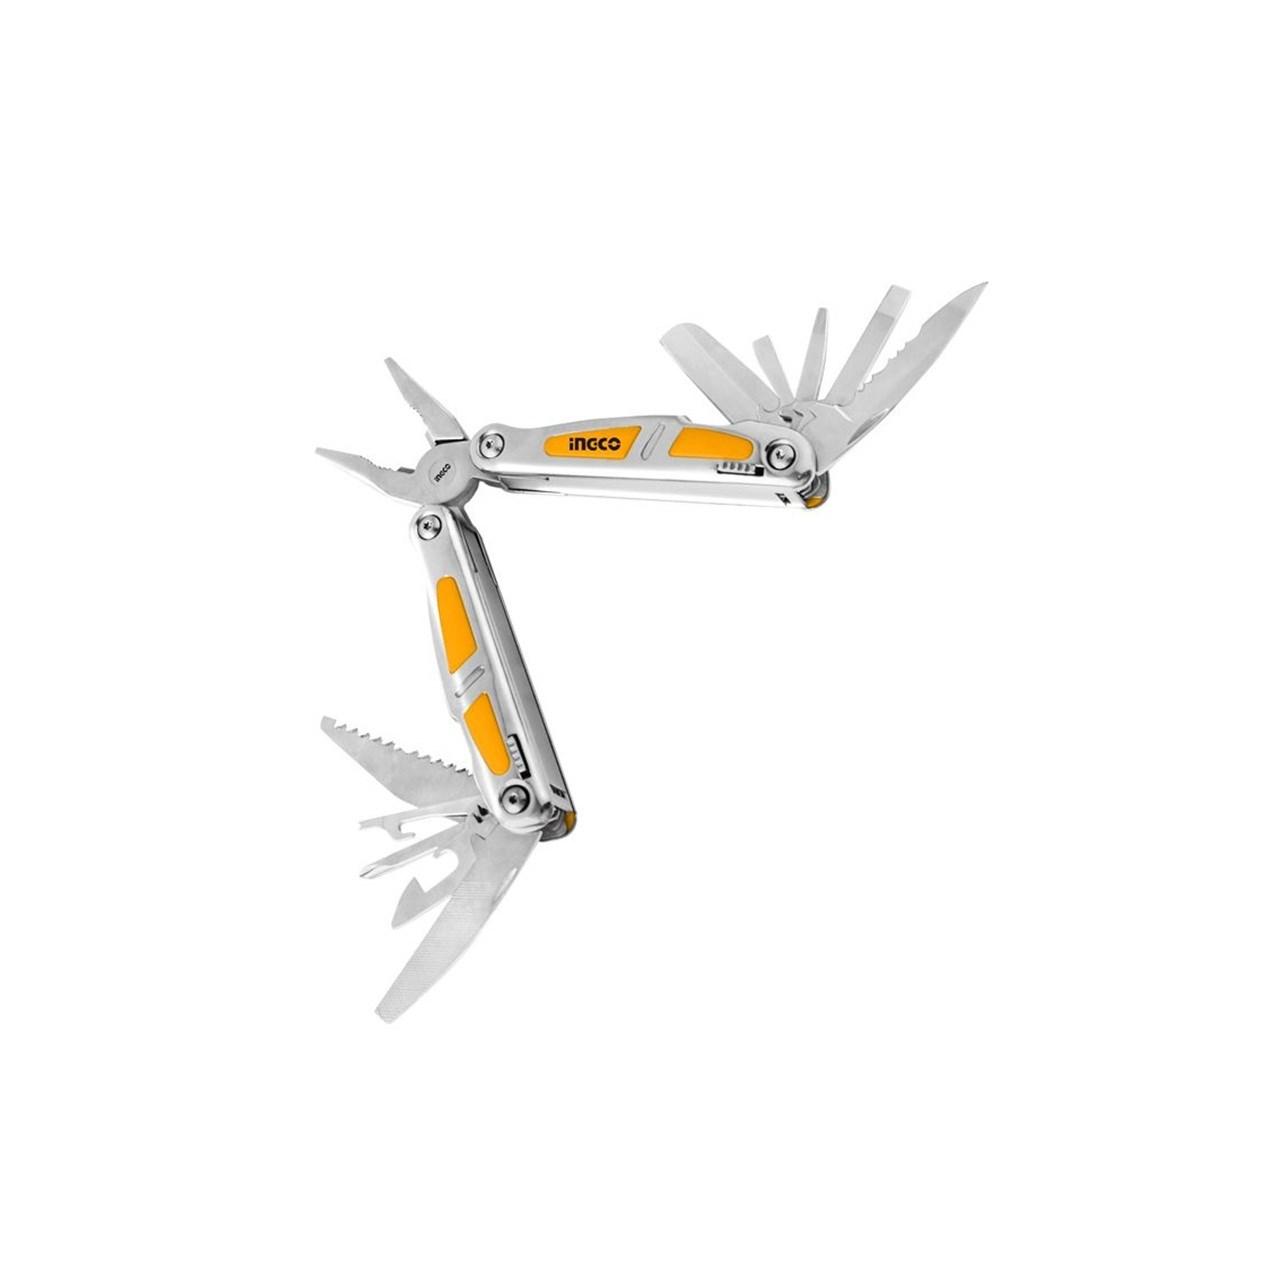 مجموعه ابزار چندکاره تاشو اینکو مدل HFMFT0115